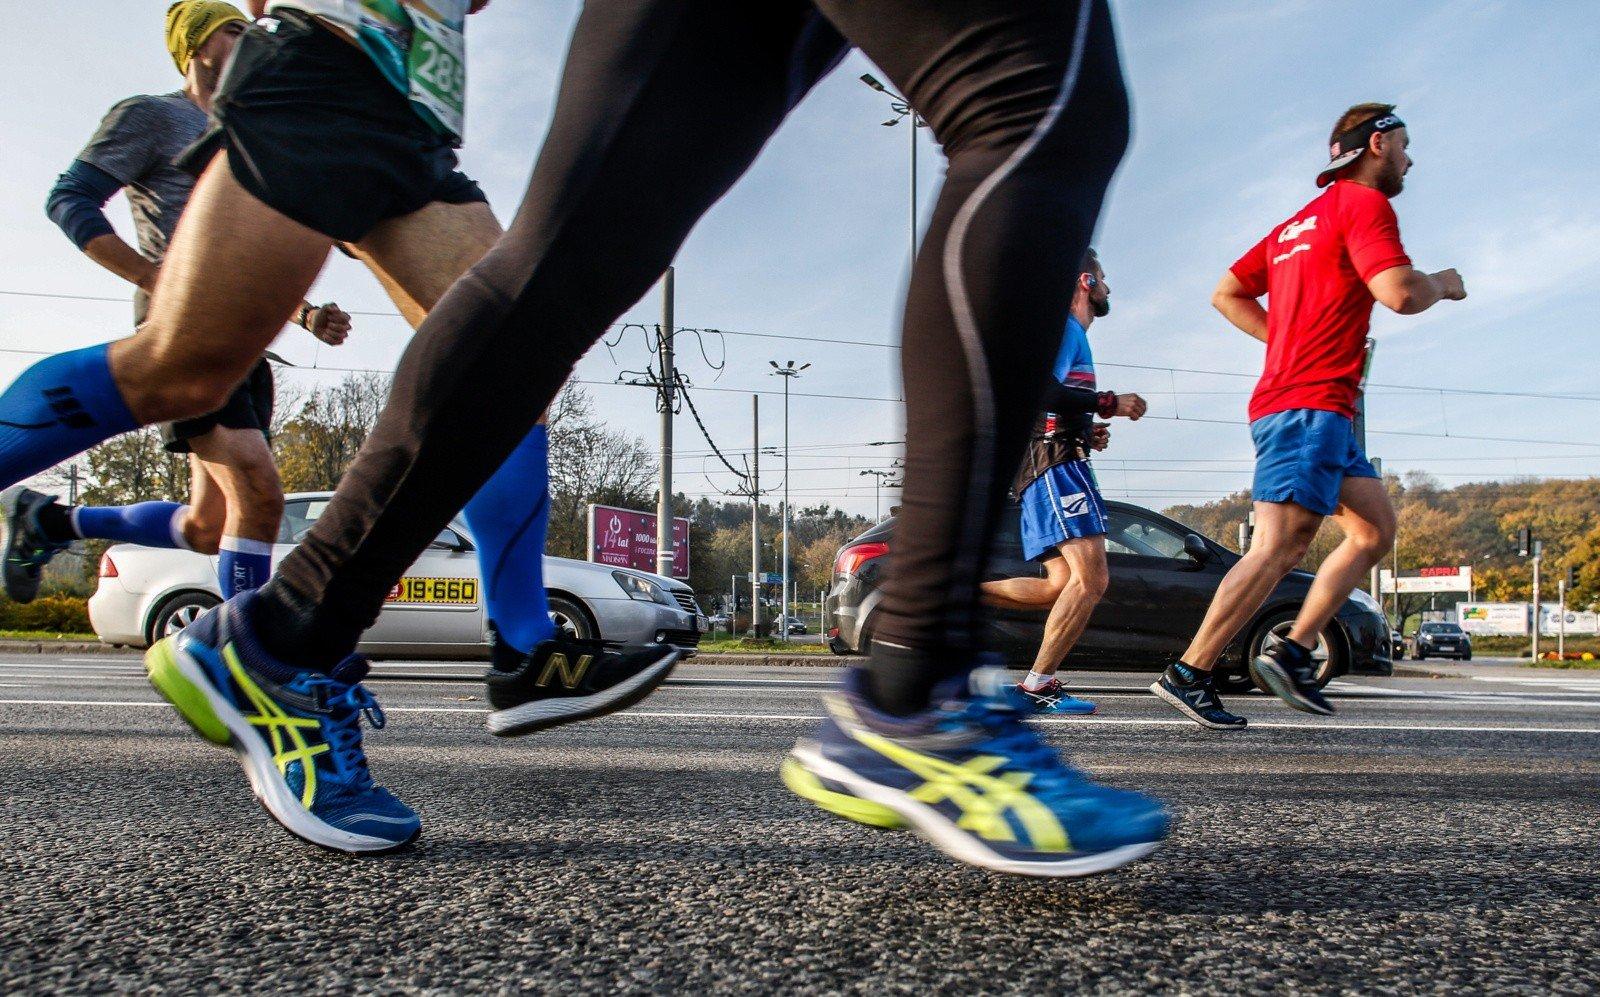 08e505b7 Każdy kto biega nawet na długich dystansach, też zaczynał od biegania dla  początkujących